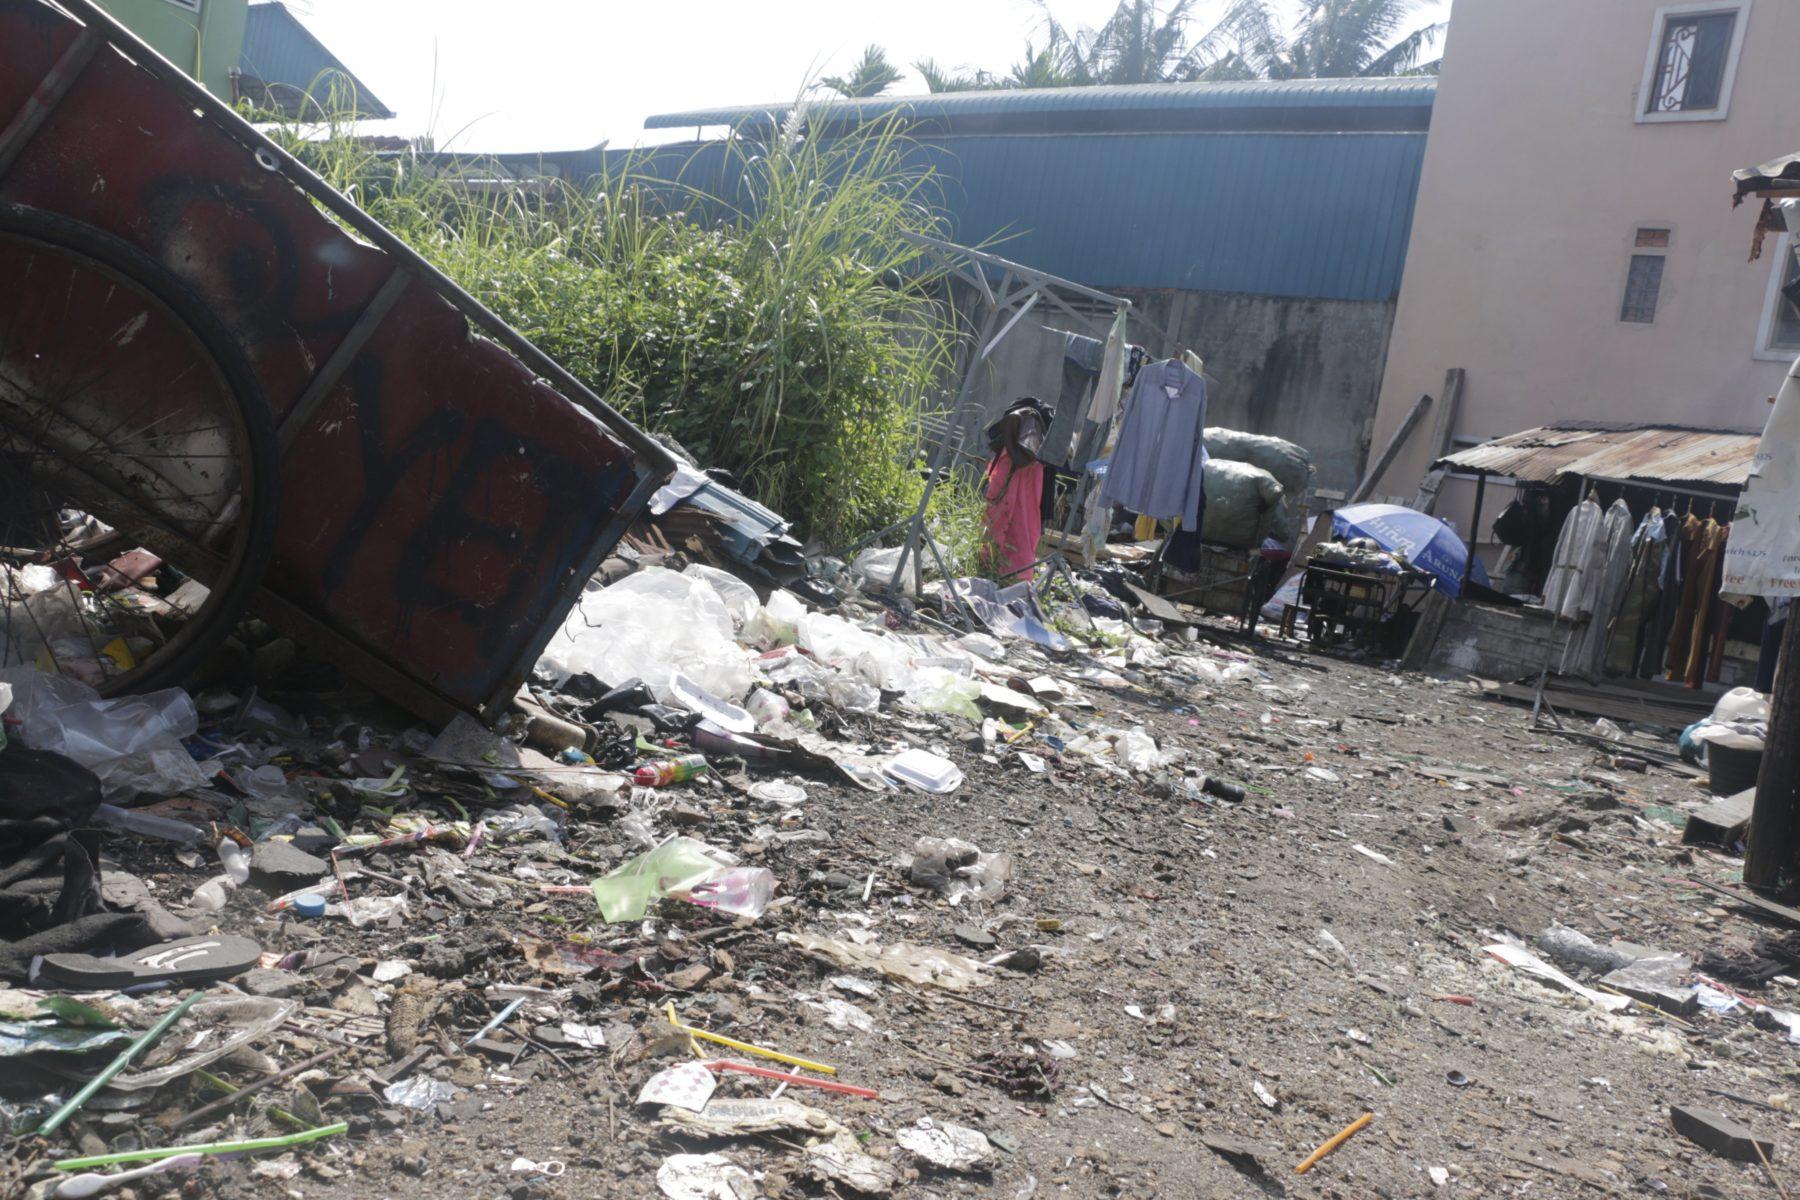 Herumliegender Müll und ein Abfall-Wagen in der Gemeinde Samaki Roeung Roerng Community© STT